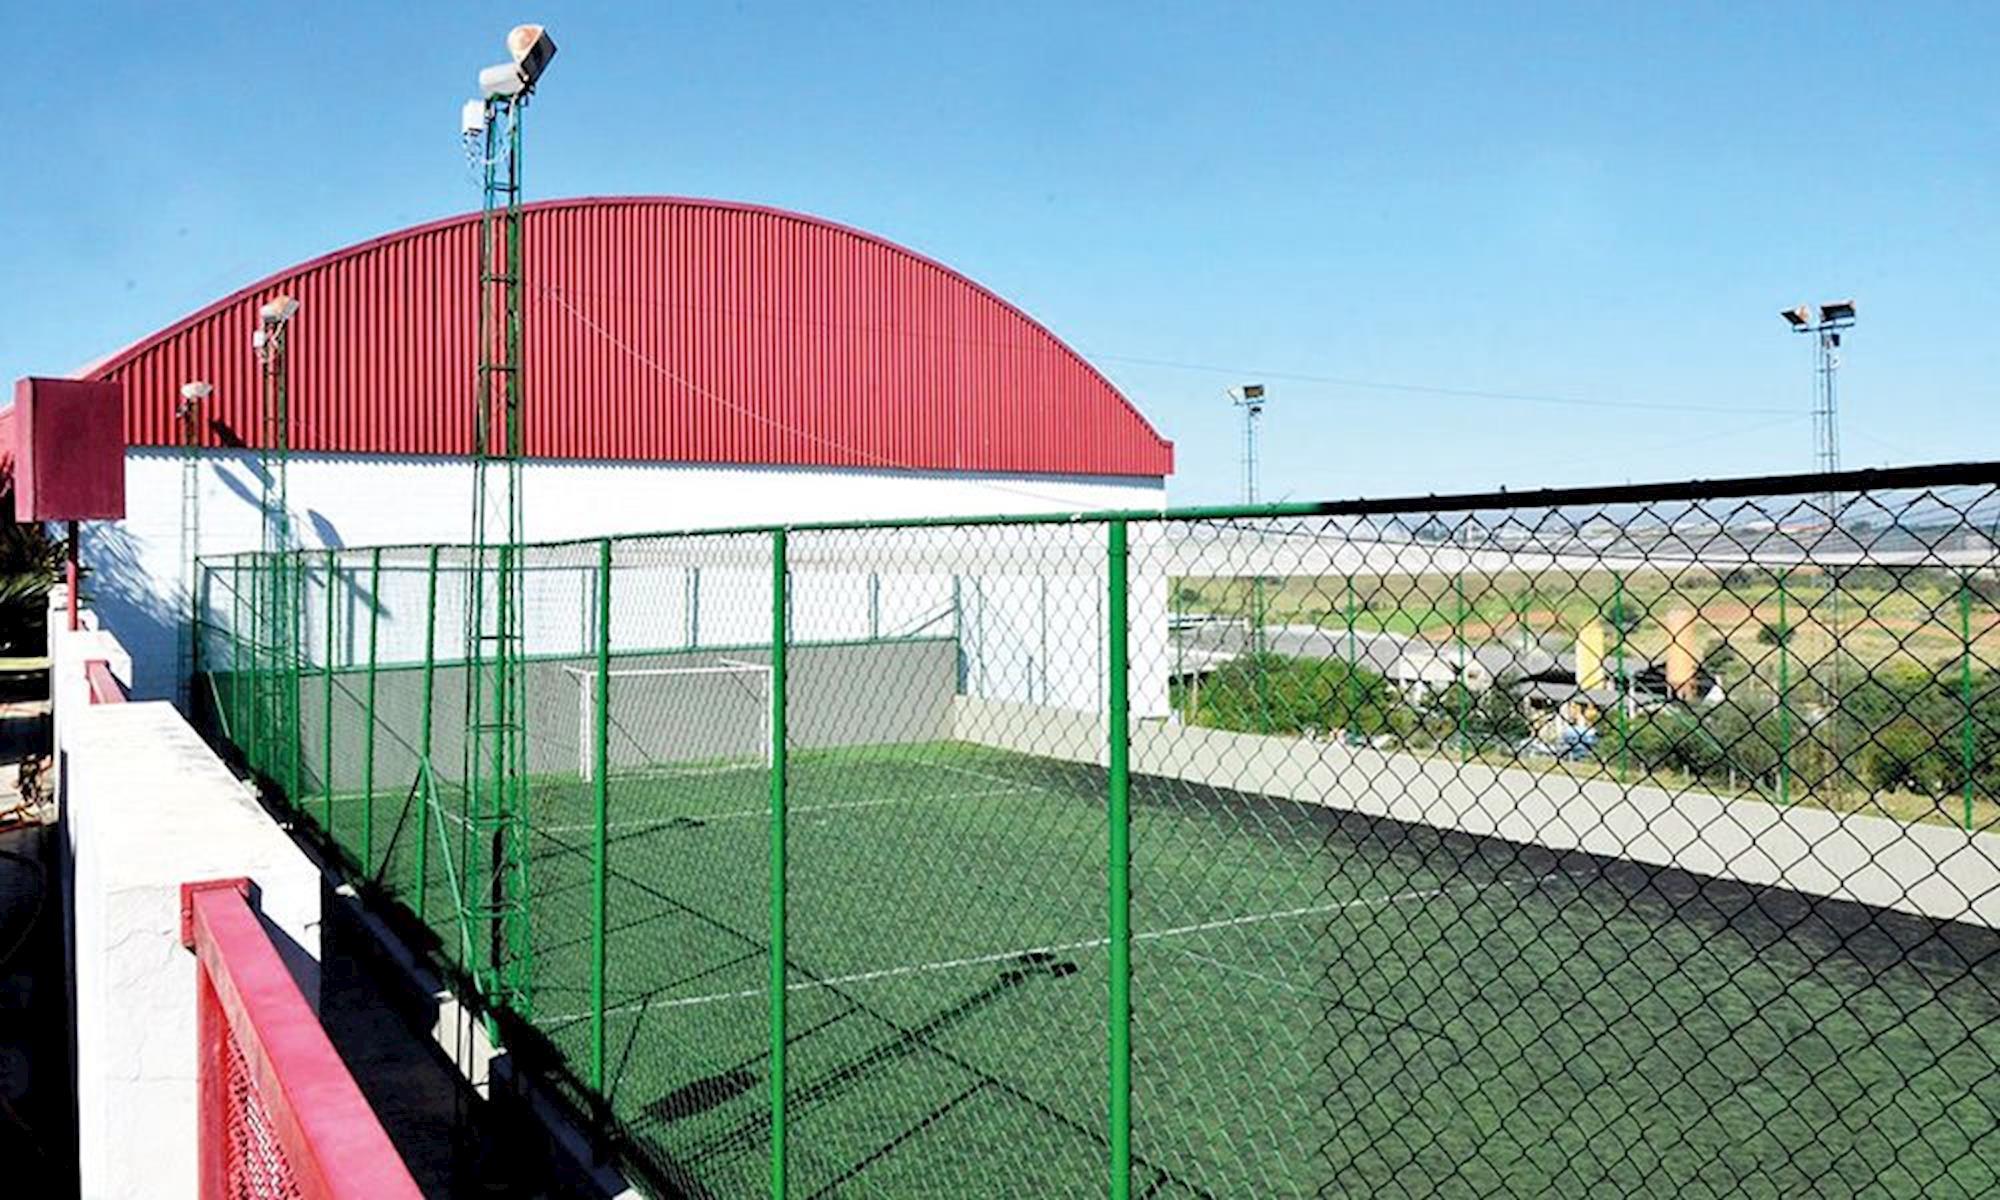 quadra, futebol, society, clube, escolinha, são bento,, Arquivo/Foguinho Imprensa SMetal